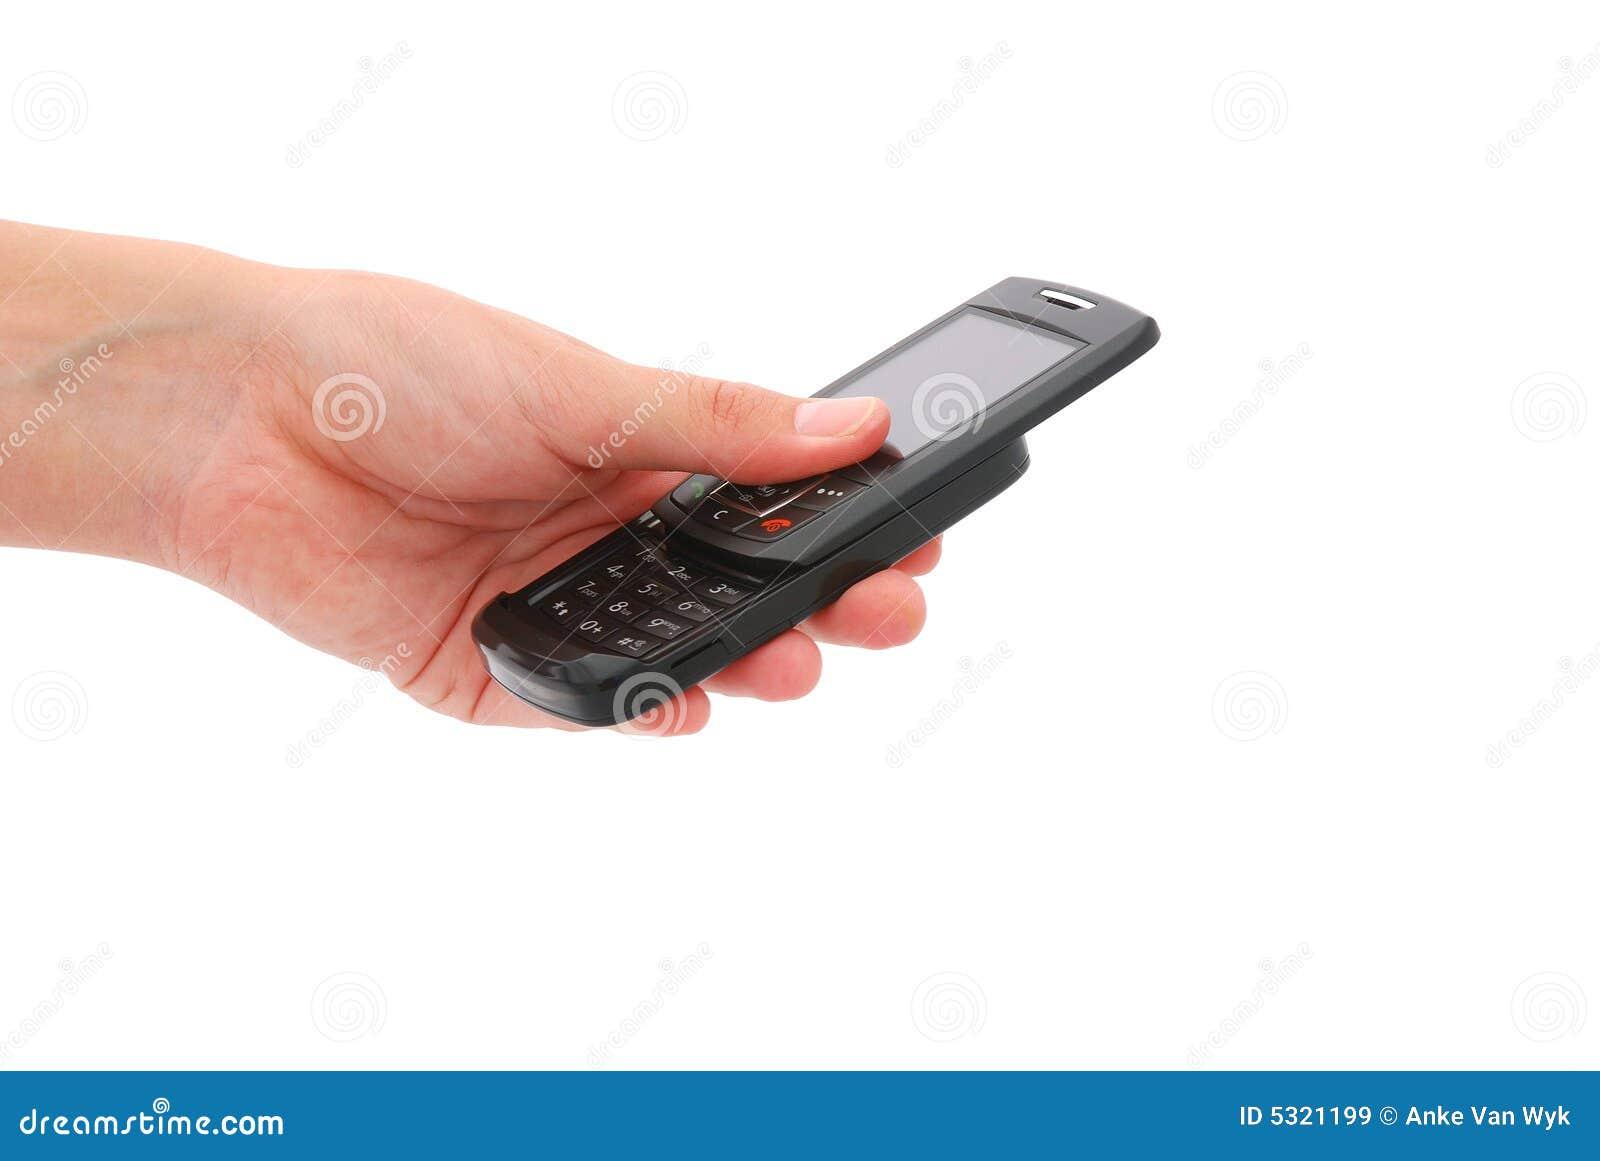 Download Mano Per Mezzo Del Cellulare Immagine Stock - Immagine di vibrazione, cellphones: 5321199